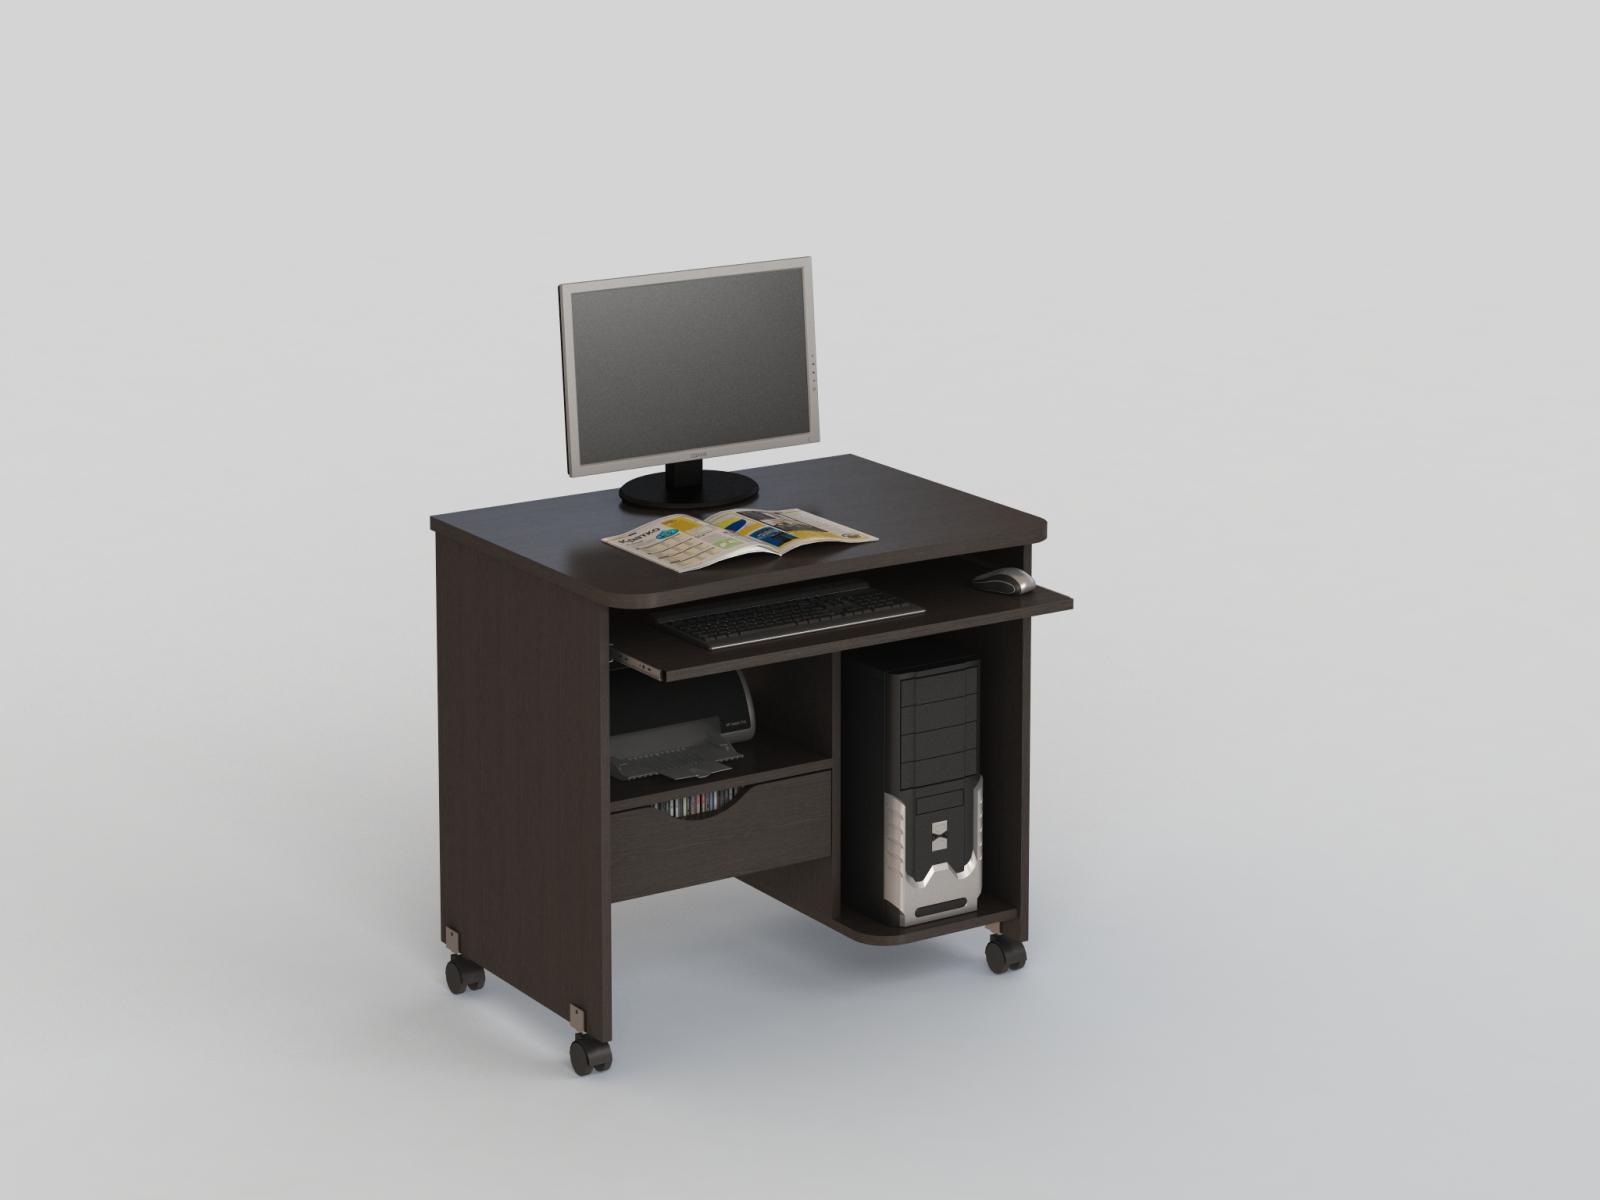 Стол компьютерный КС 20-06 Венге  - 3841